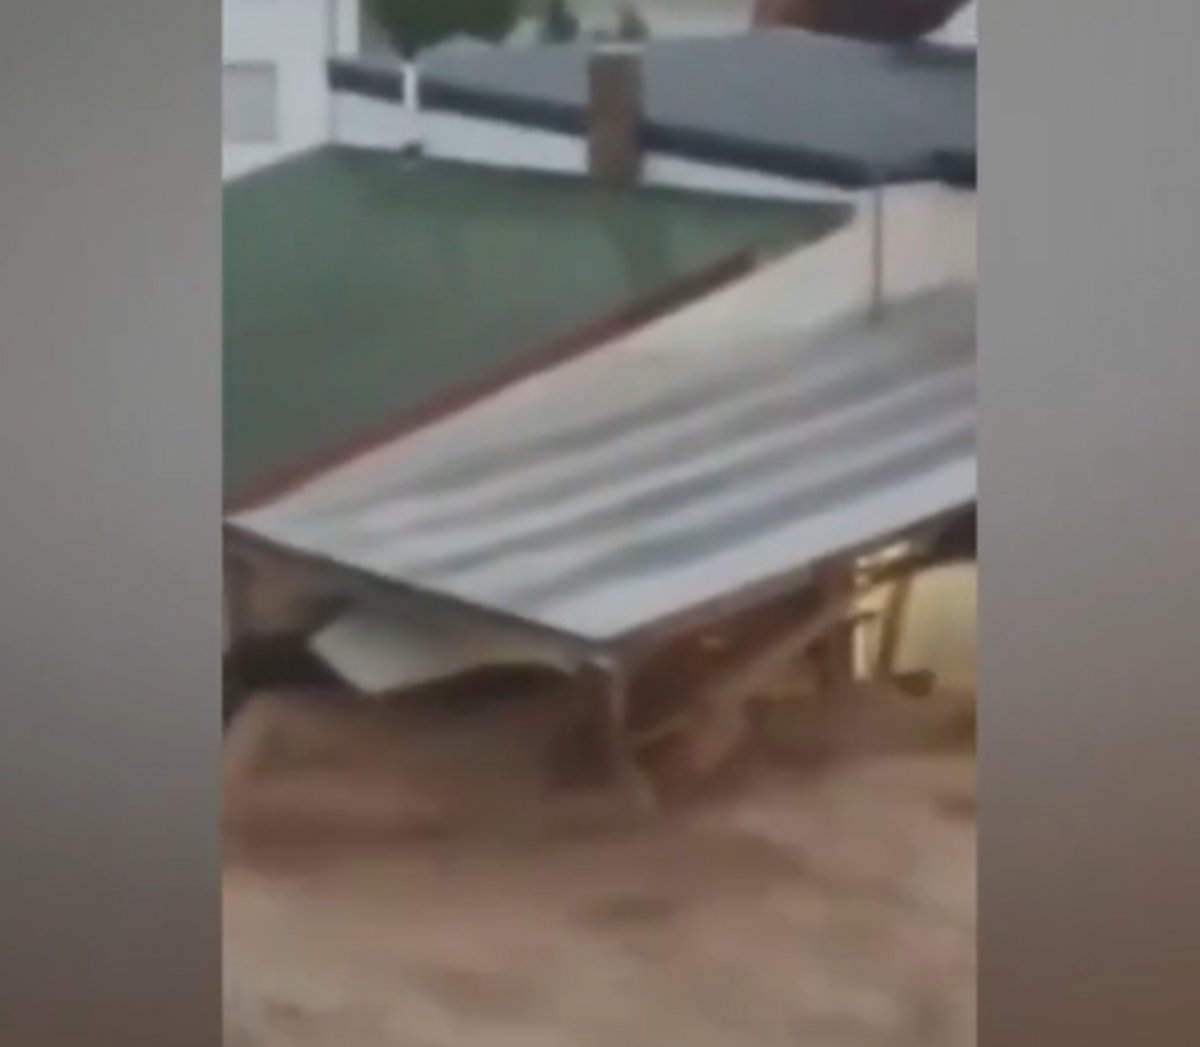 Almanya da cadde ve sokaklar şiddetli yağış nedeni ile sular altında kaldı #4